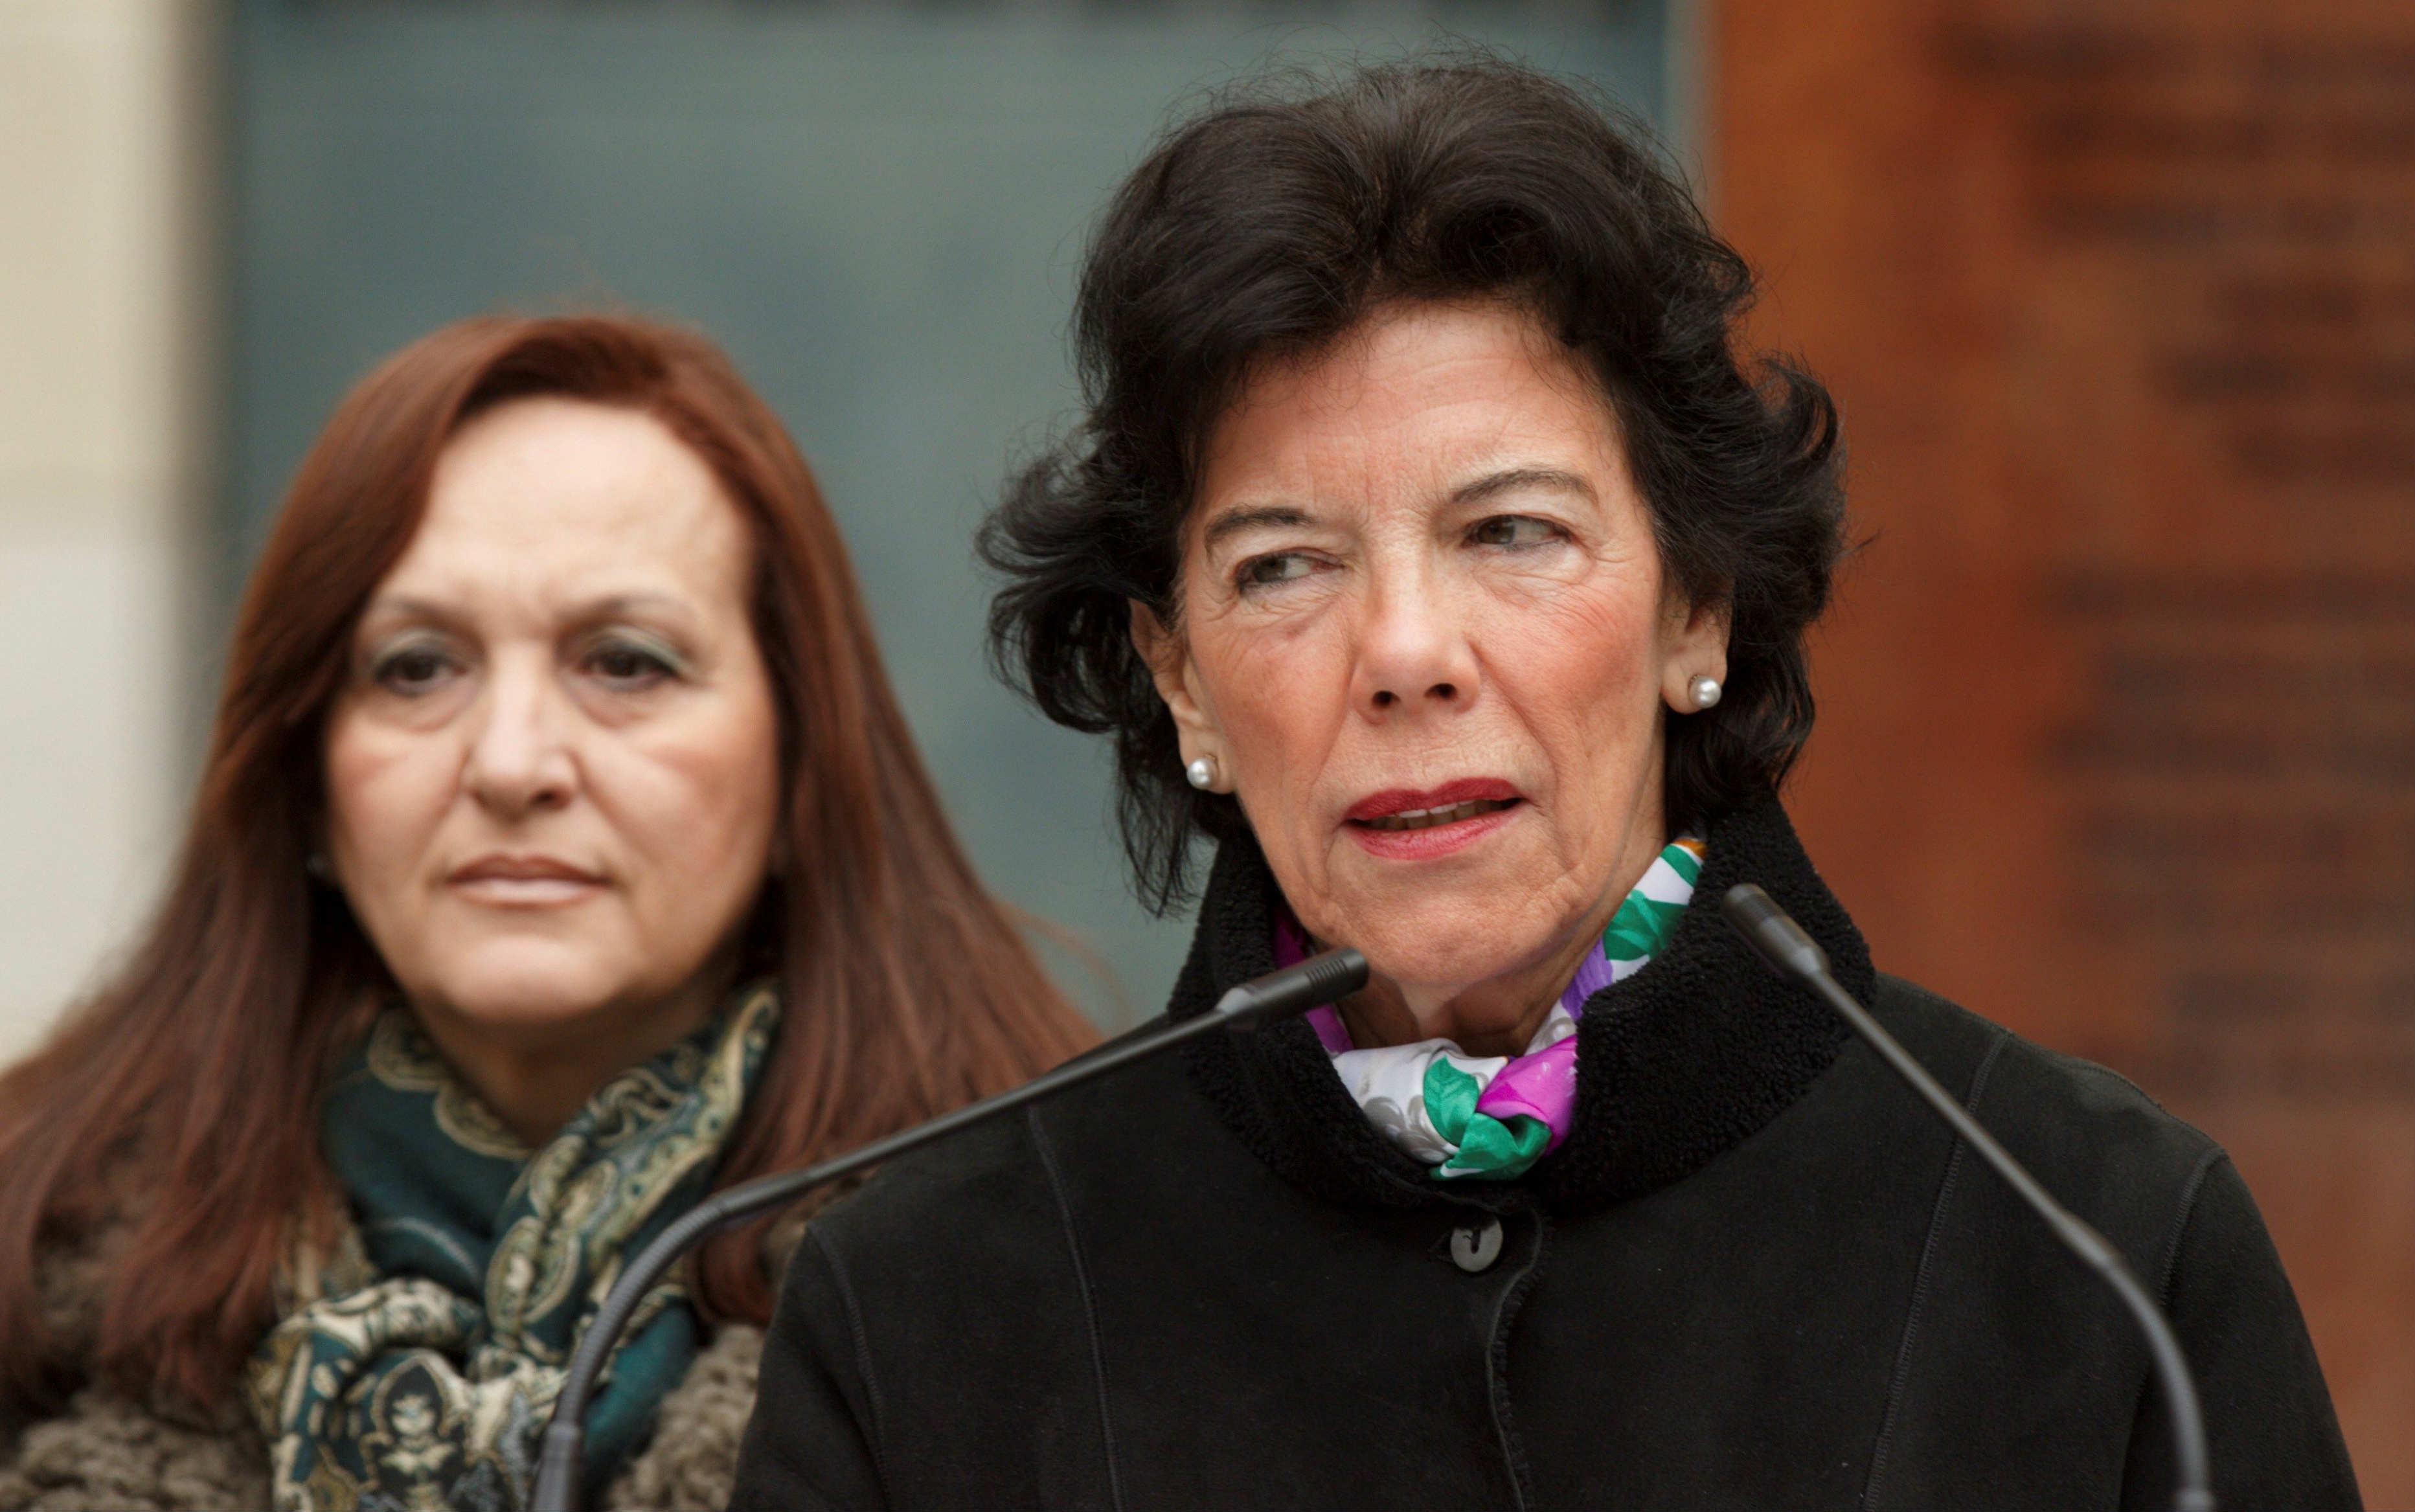 La ministra de Educación, Isabel Celaá, interviene en un acto de homenaje a las víctimas del franquismo que su partido ha celebrado este domingo en Vitoria. EFE/David Aguilar